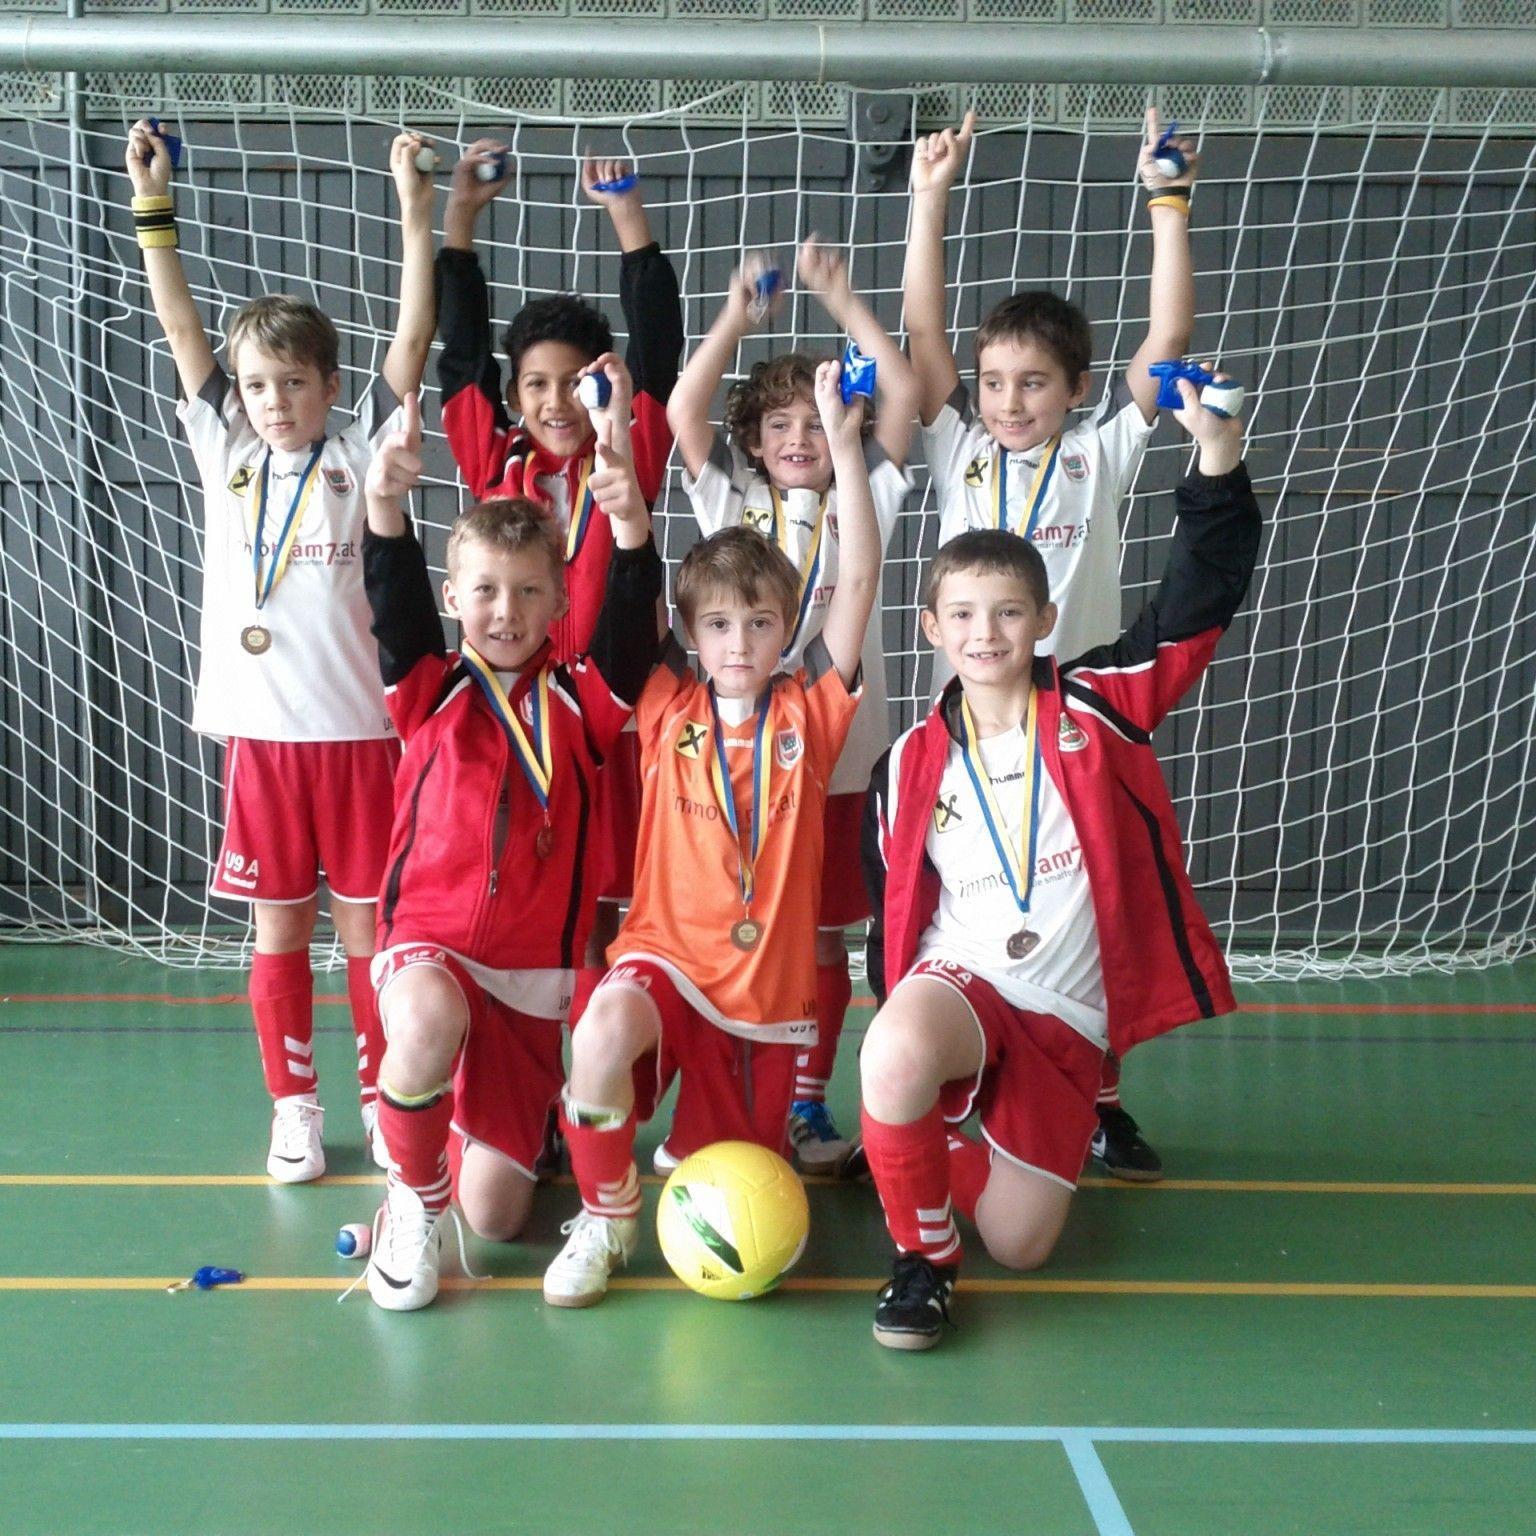 DIe U-9-Mannschaft des FC Dornbirn holte sich in Hohenems den Turniersieg